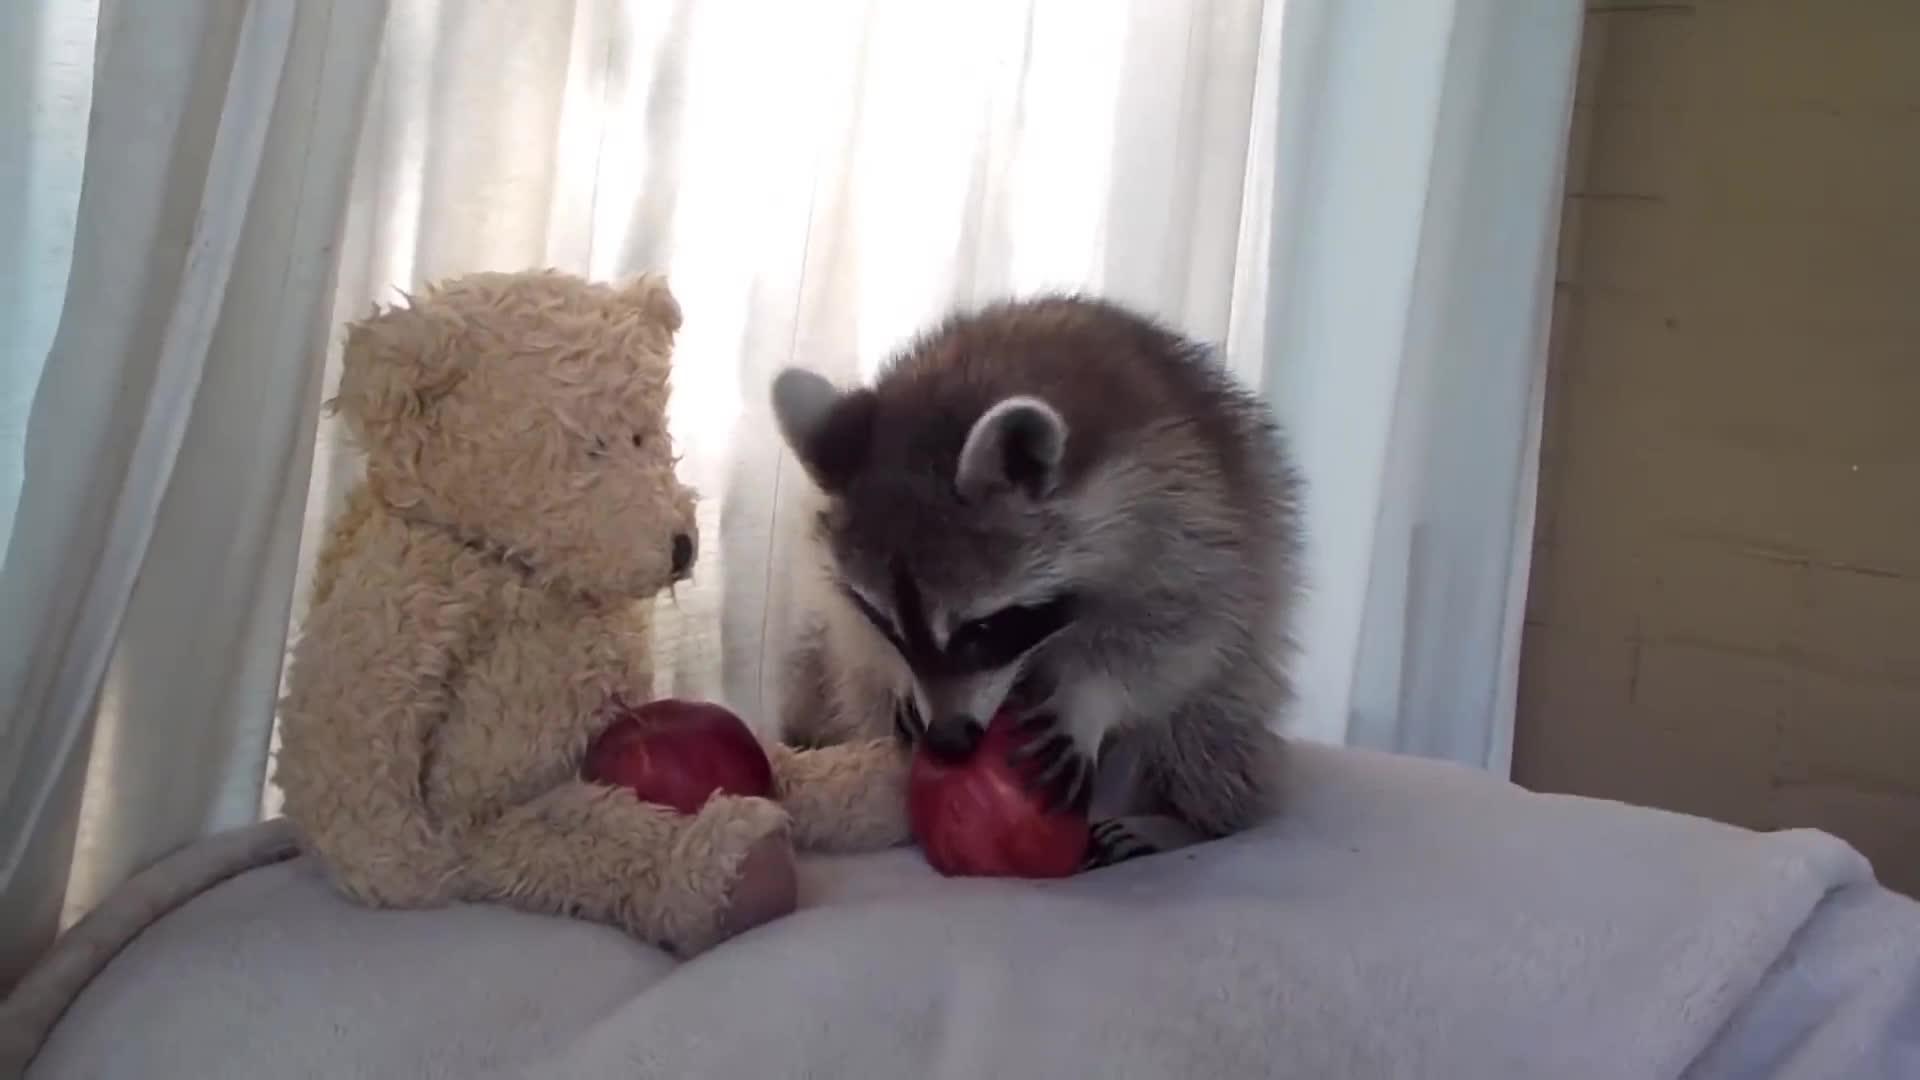 野生浣熊潜入民居偷吃,居然是为了撸猫!喵星人的反应太亮了